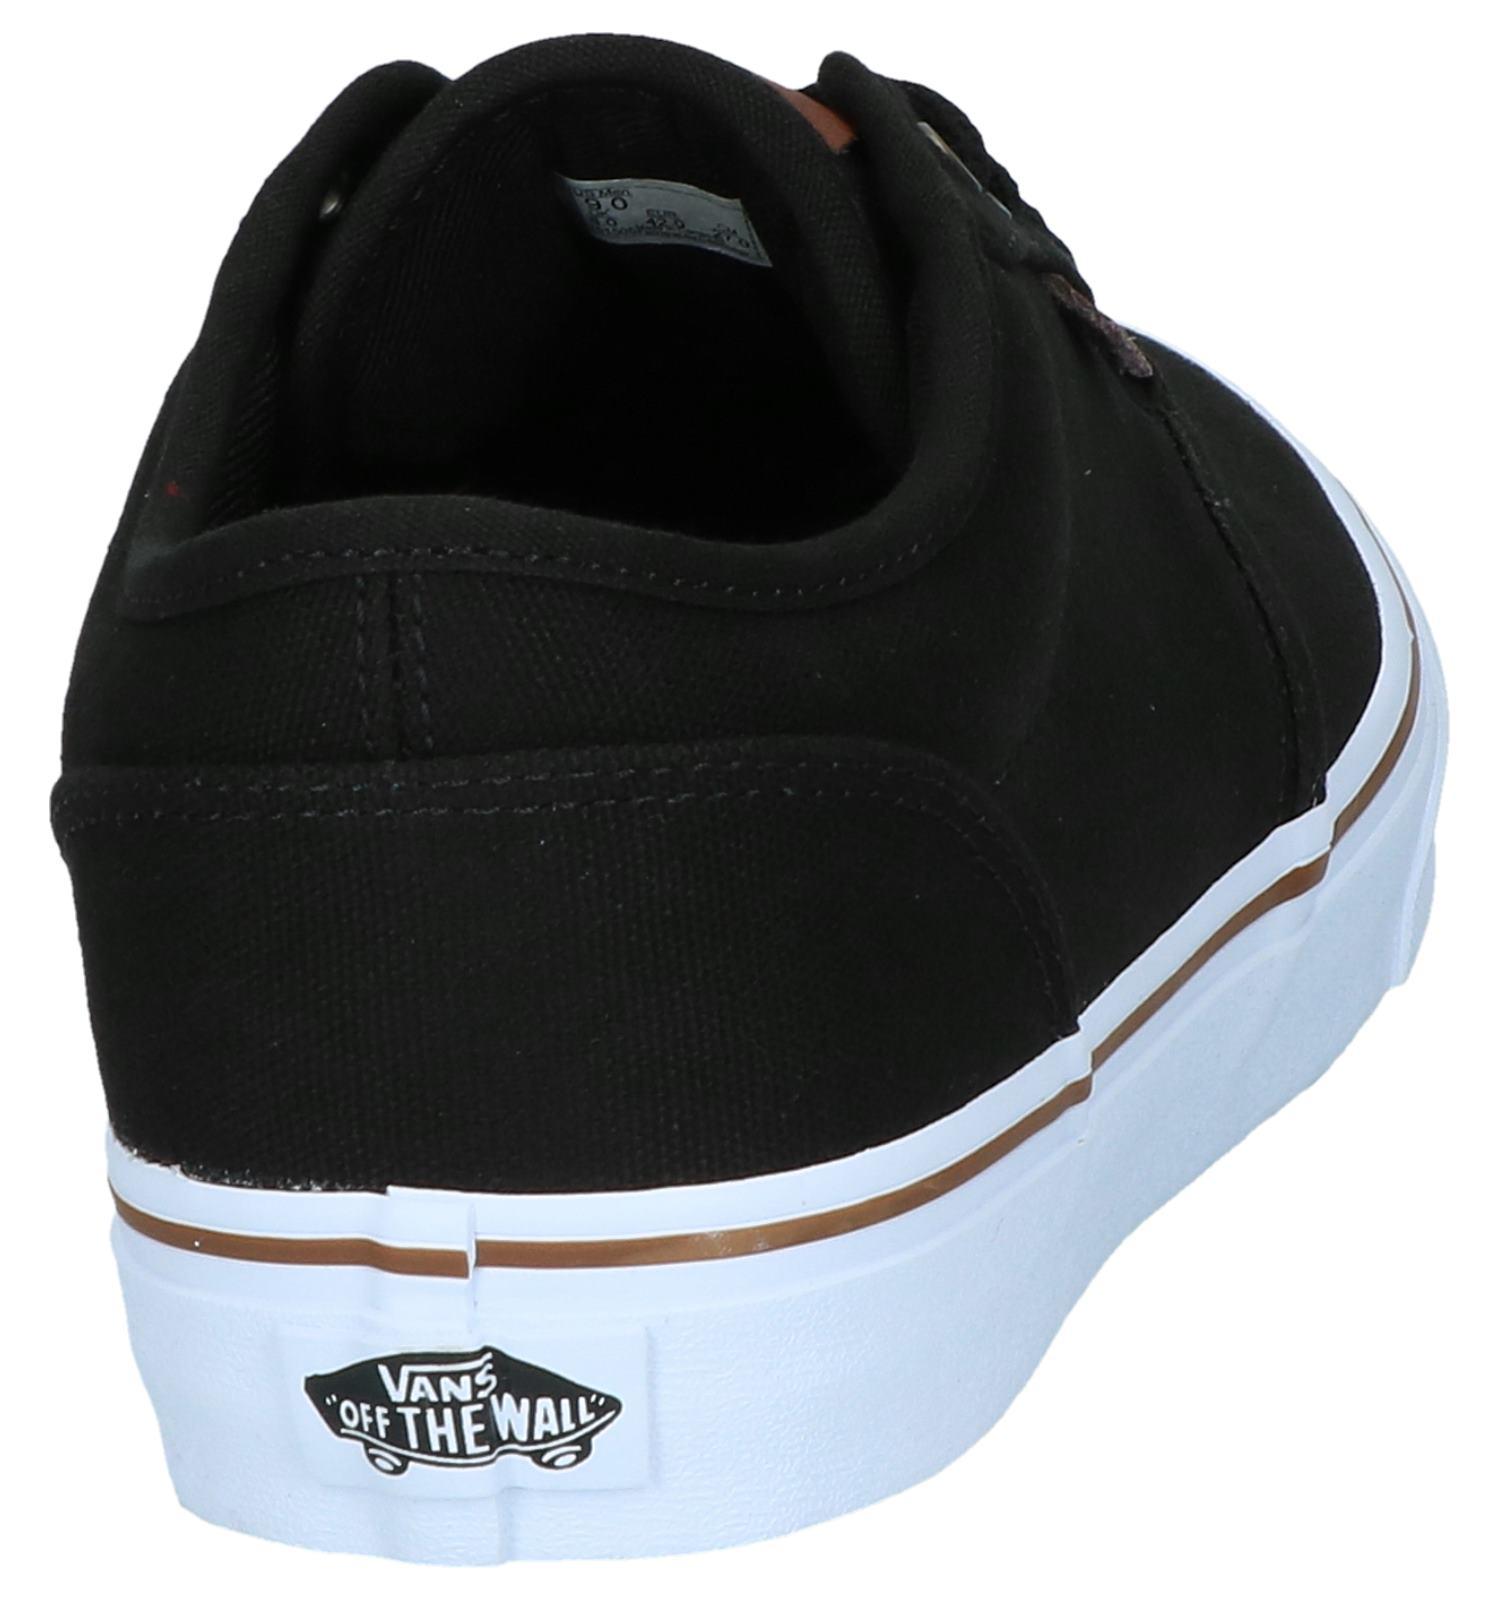 Vans Lage Zwarte Vans Zwarte Skateschoenen Lage Skateschoenen Atwood Zwarte Atwood Lage 34RL5jAq